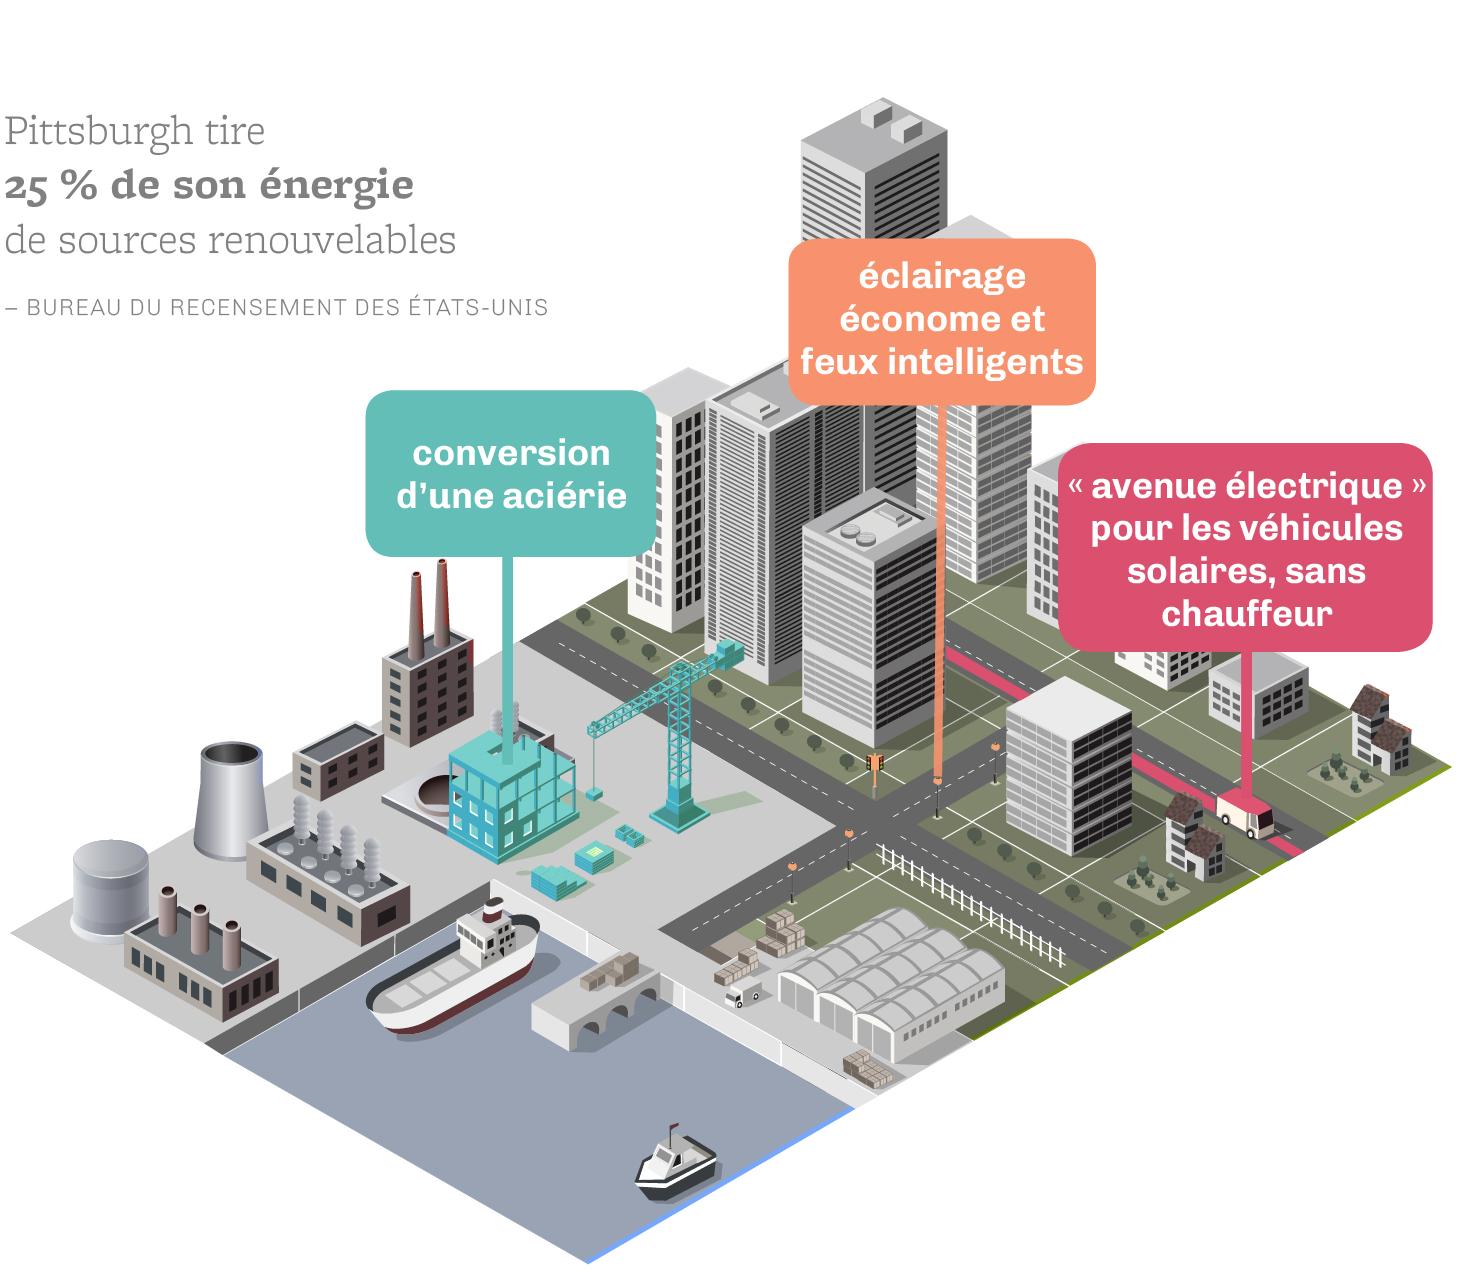 Graphique montrant les systèmes de transport proposés par la ville de Pittsburgh (Shutterstock/Département d'État/J. Maruszewski)